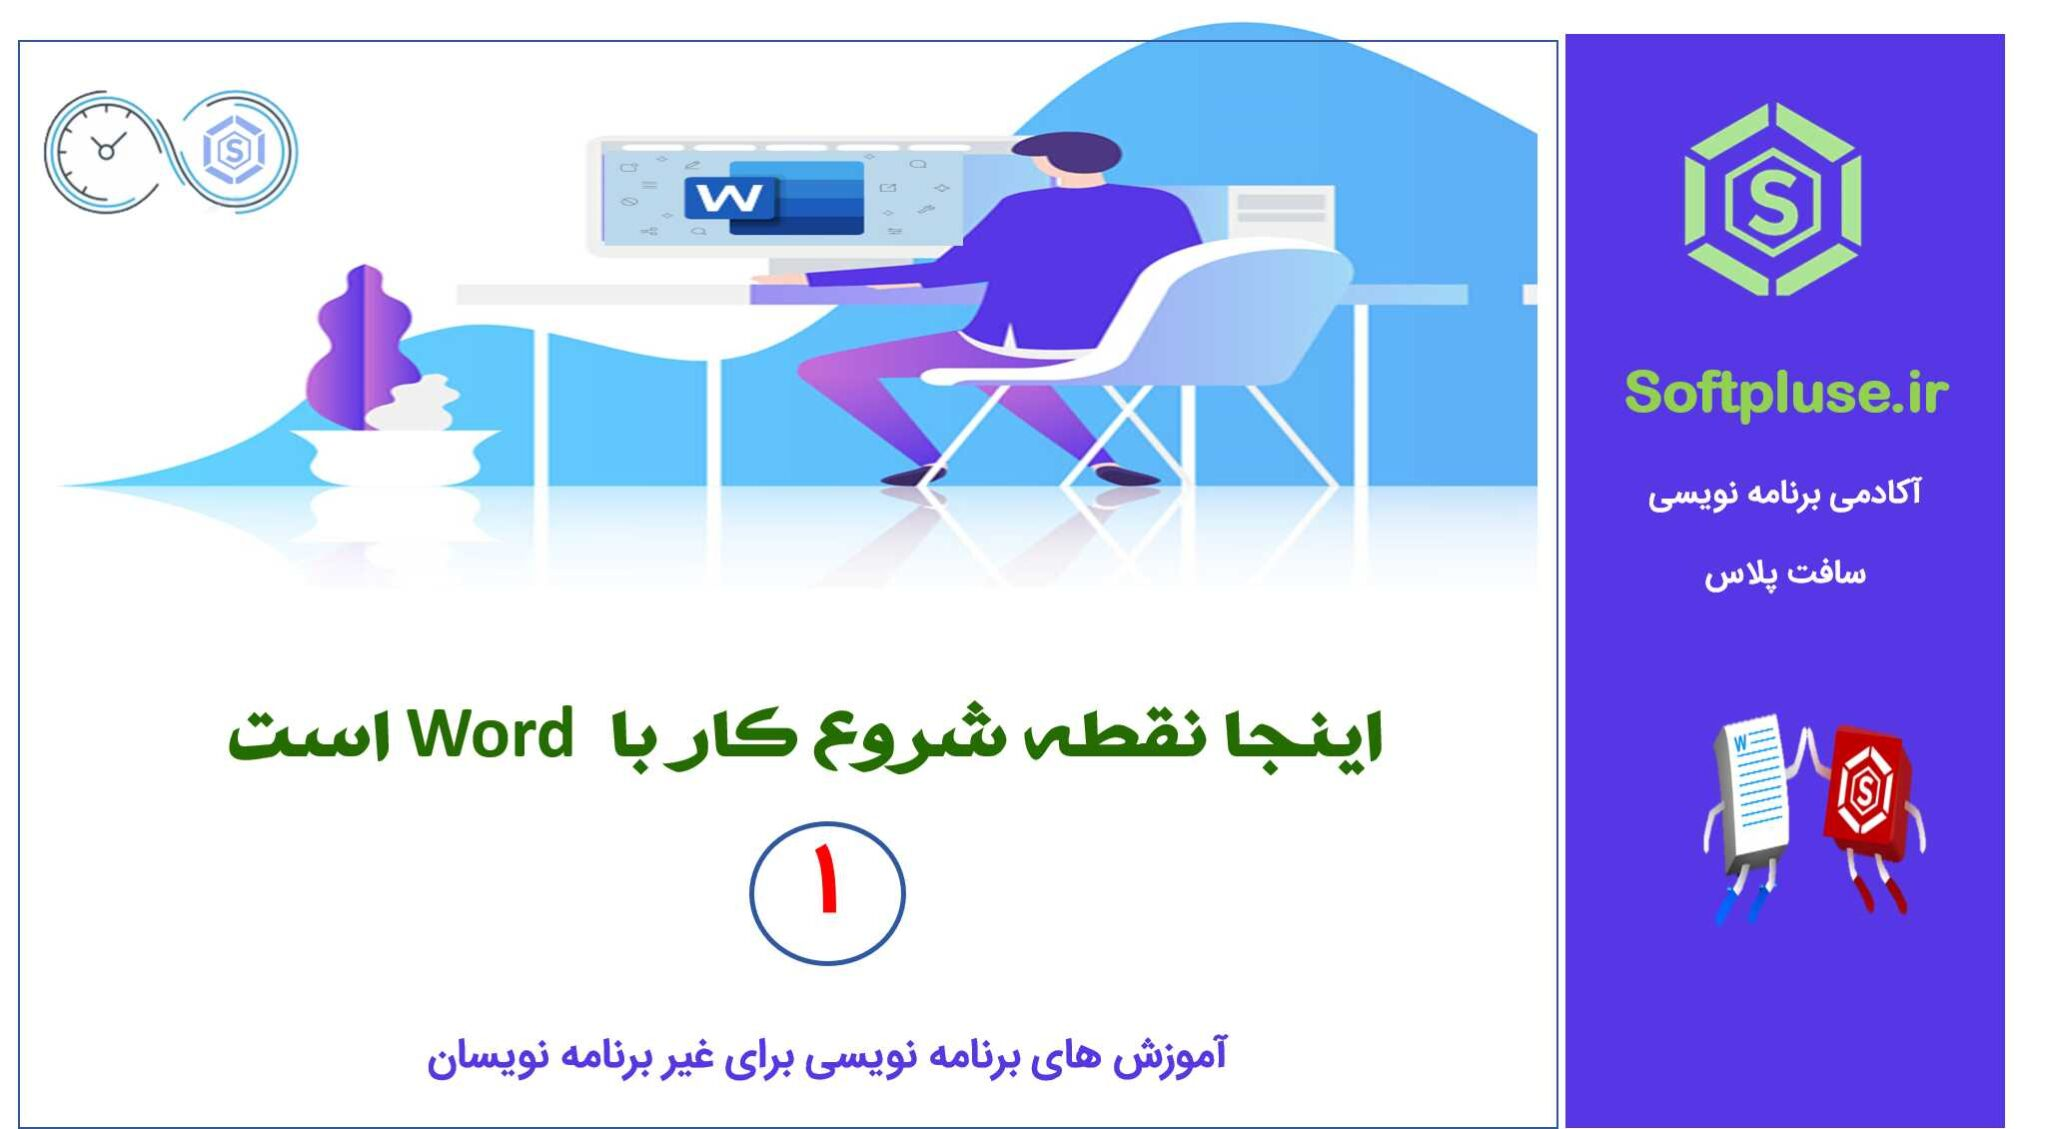 آموزش word2019